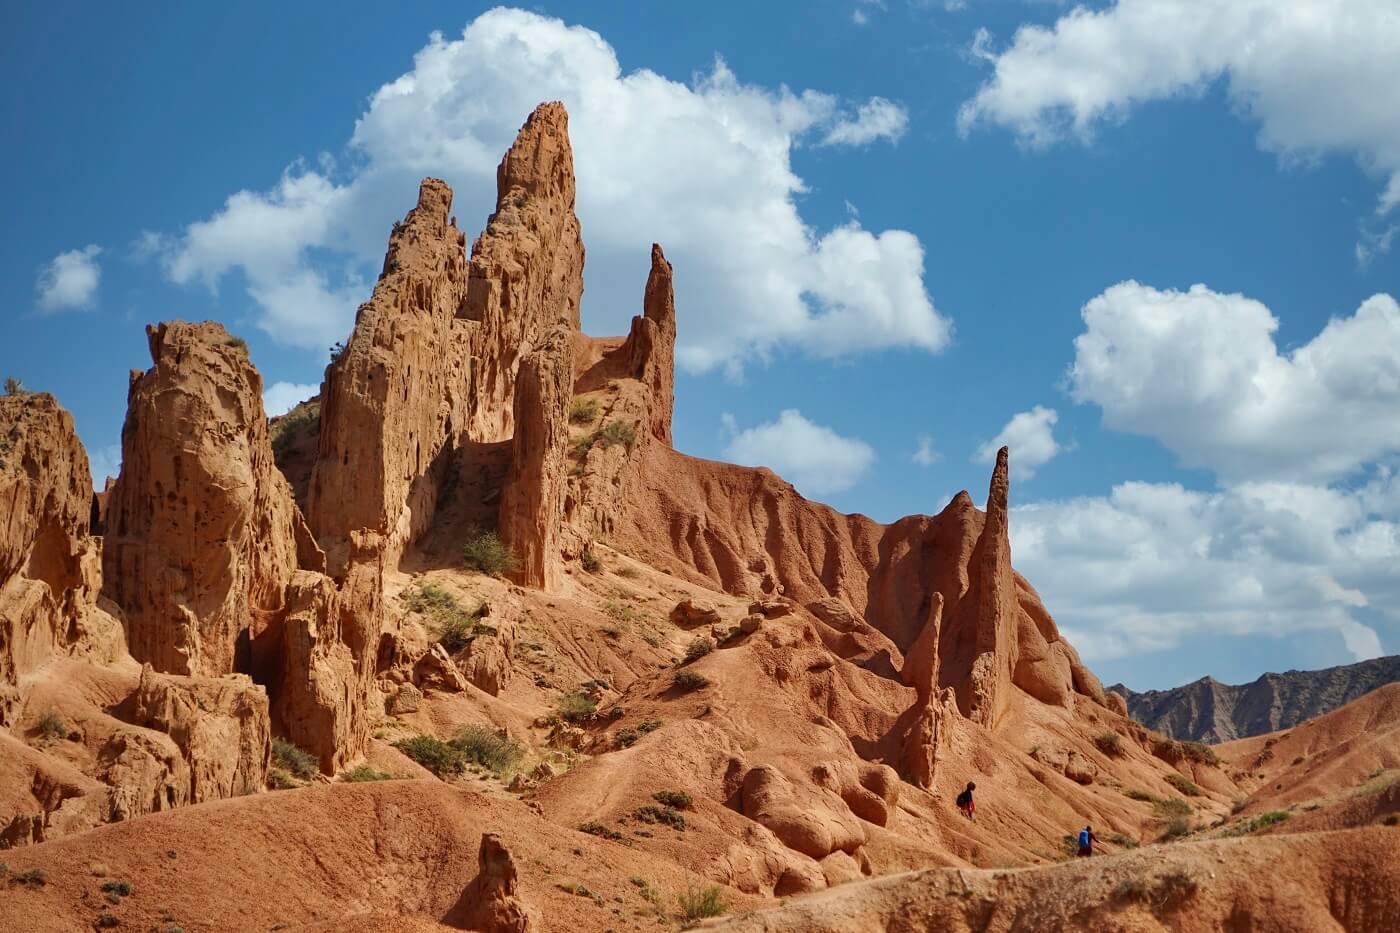 Kyrgyzstan Skazka canyon